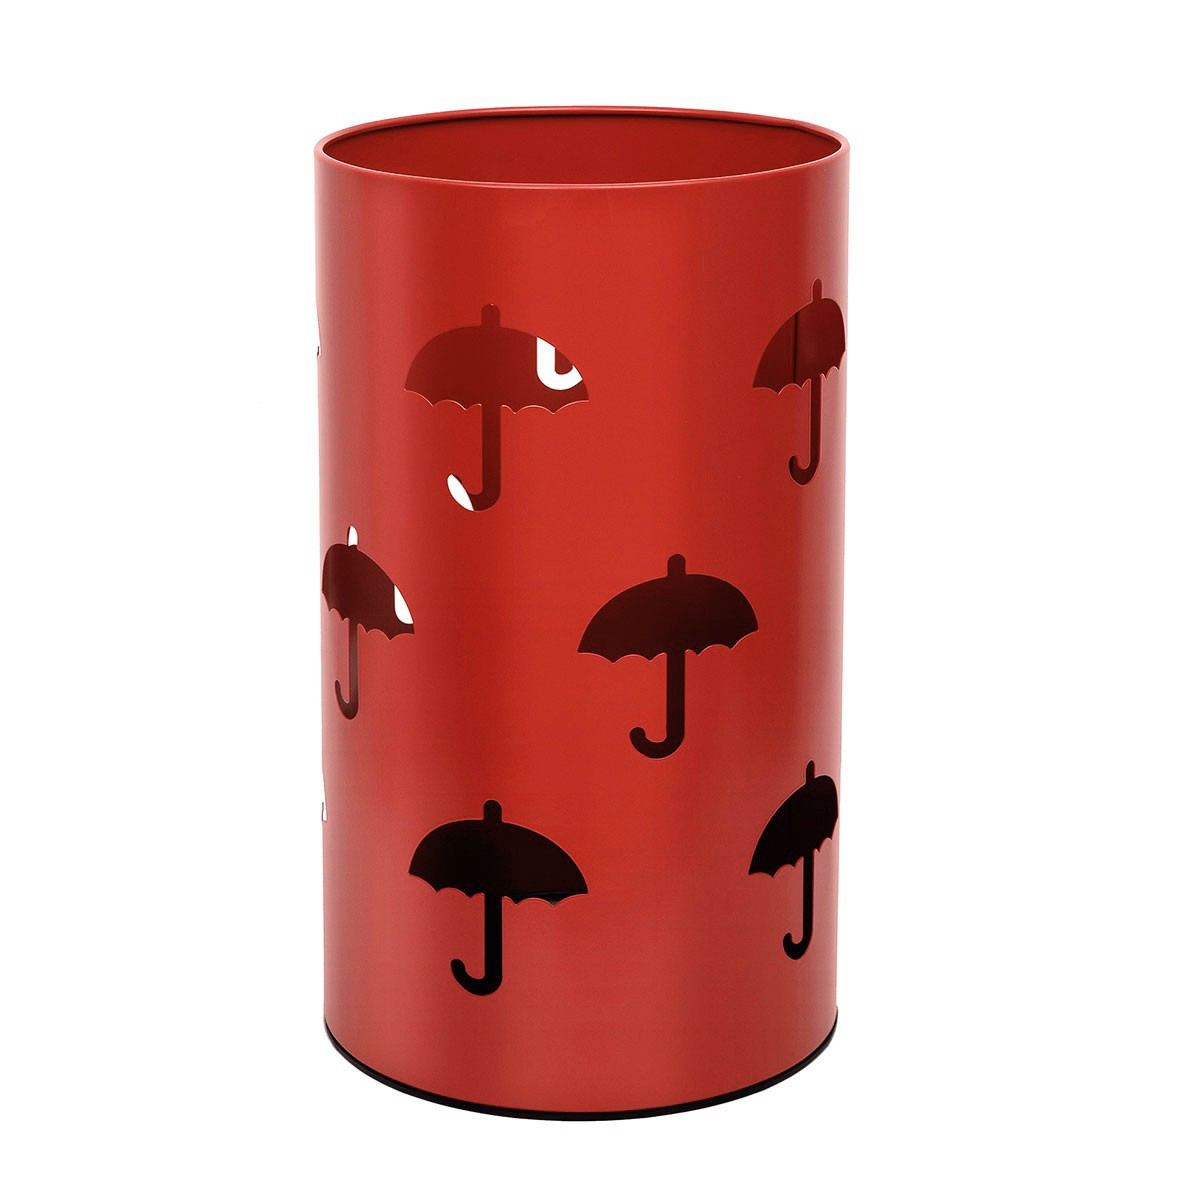 Ομπρελοθήκη 25×44 PamCo 21-503 Κόκκινο Matte